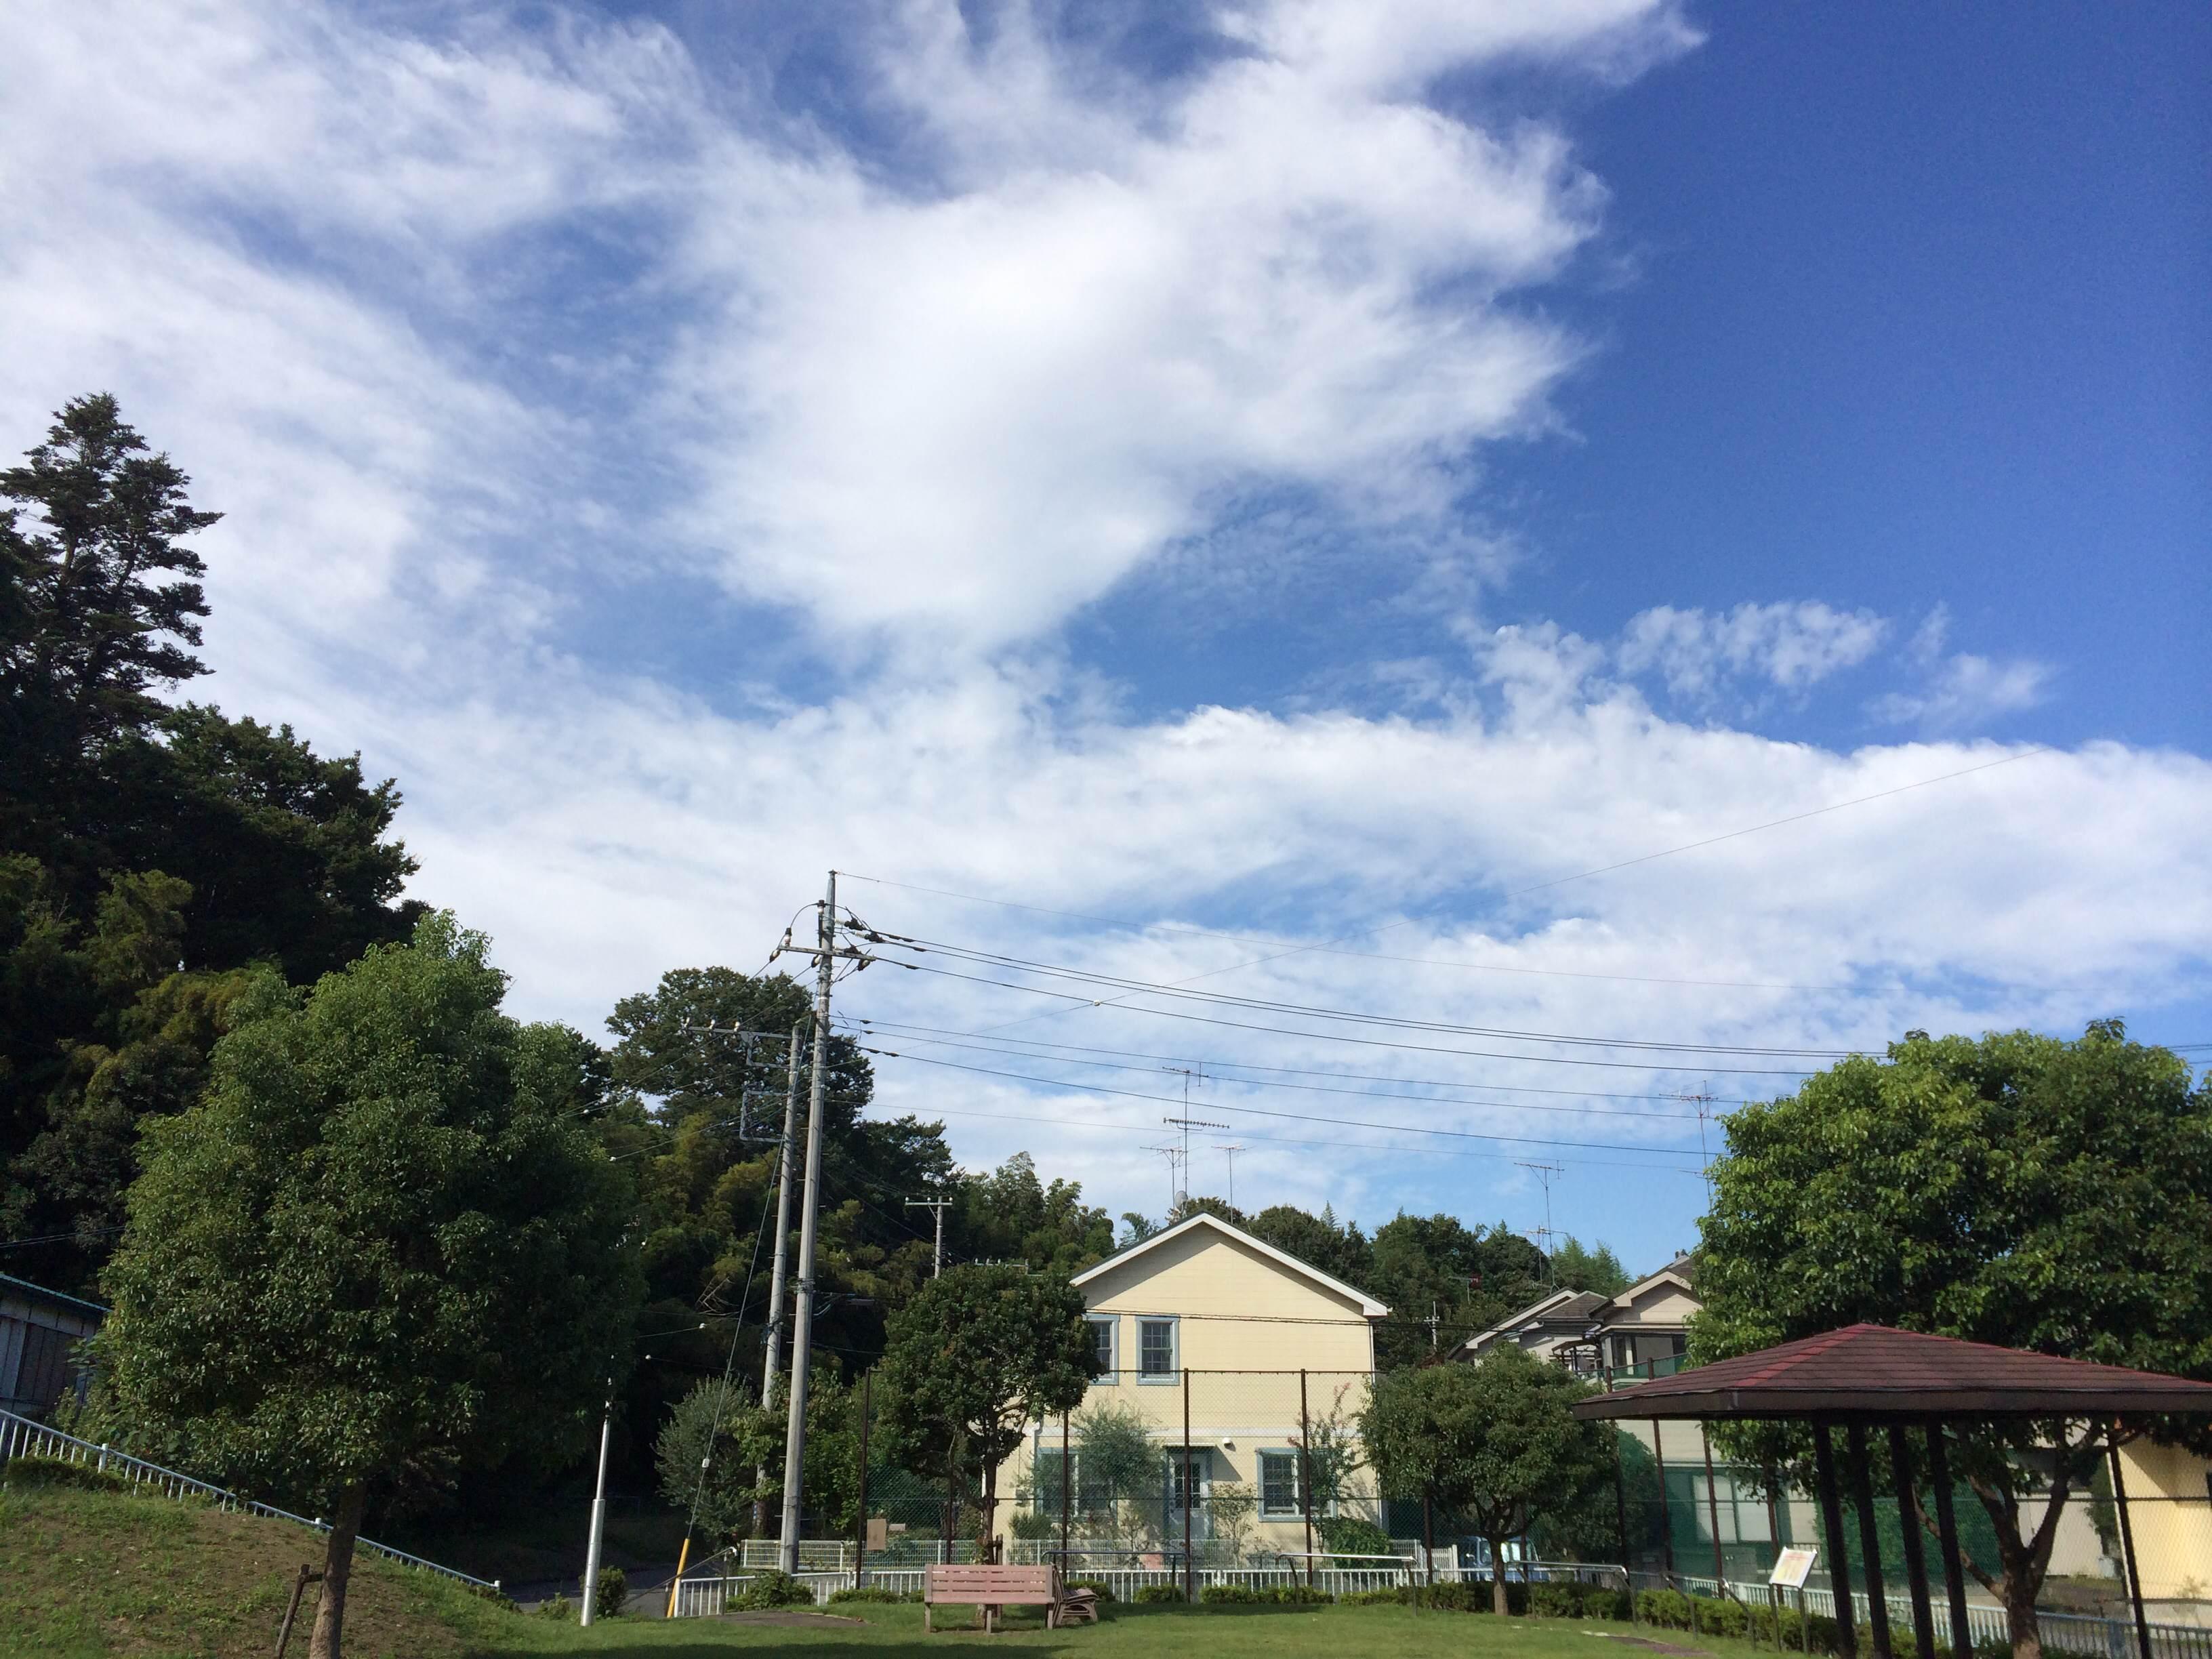 昼夜逆転なおろう会 砂田第2公園 空